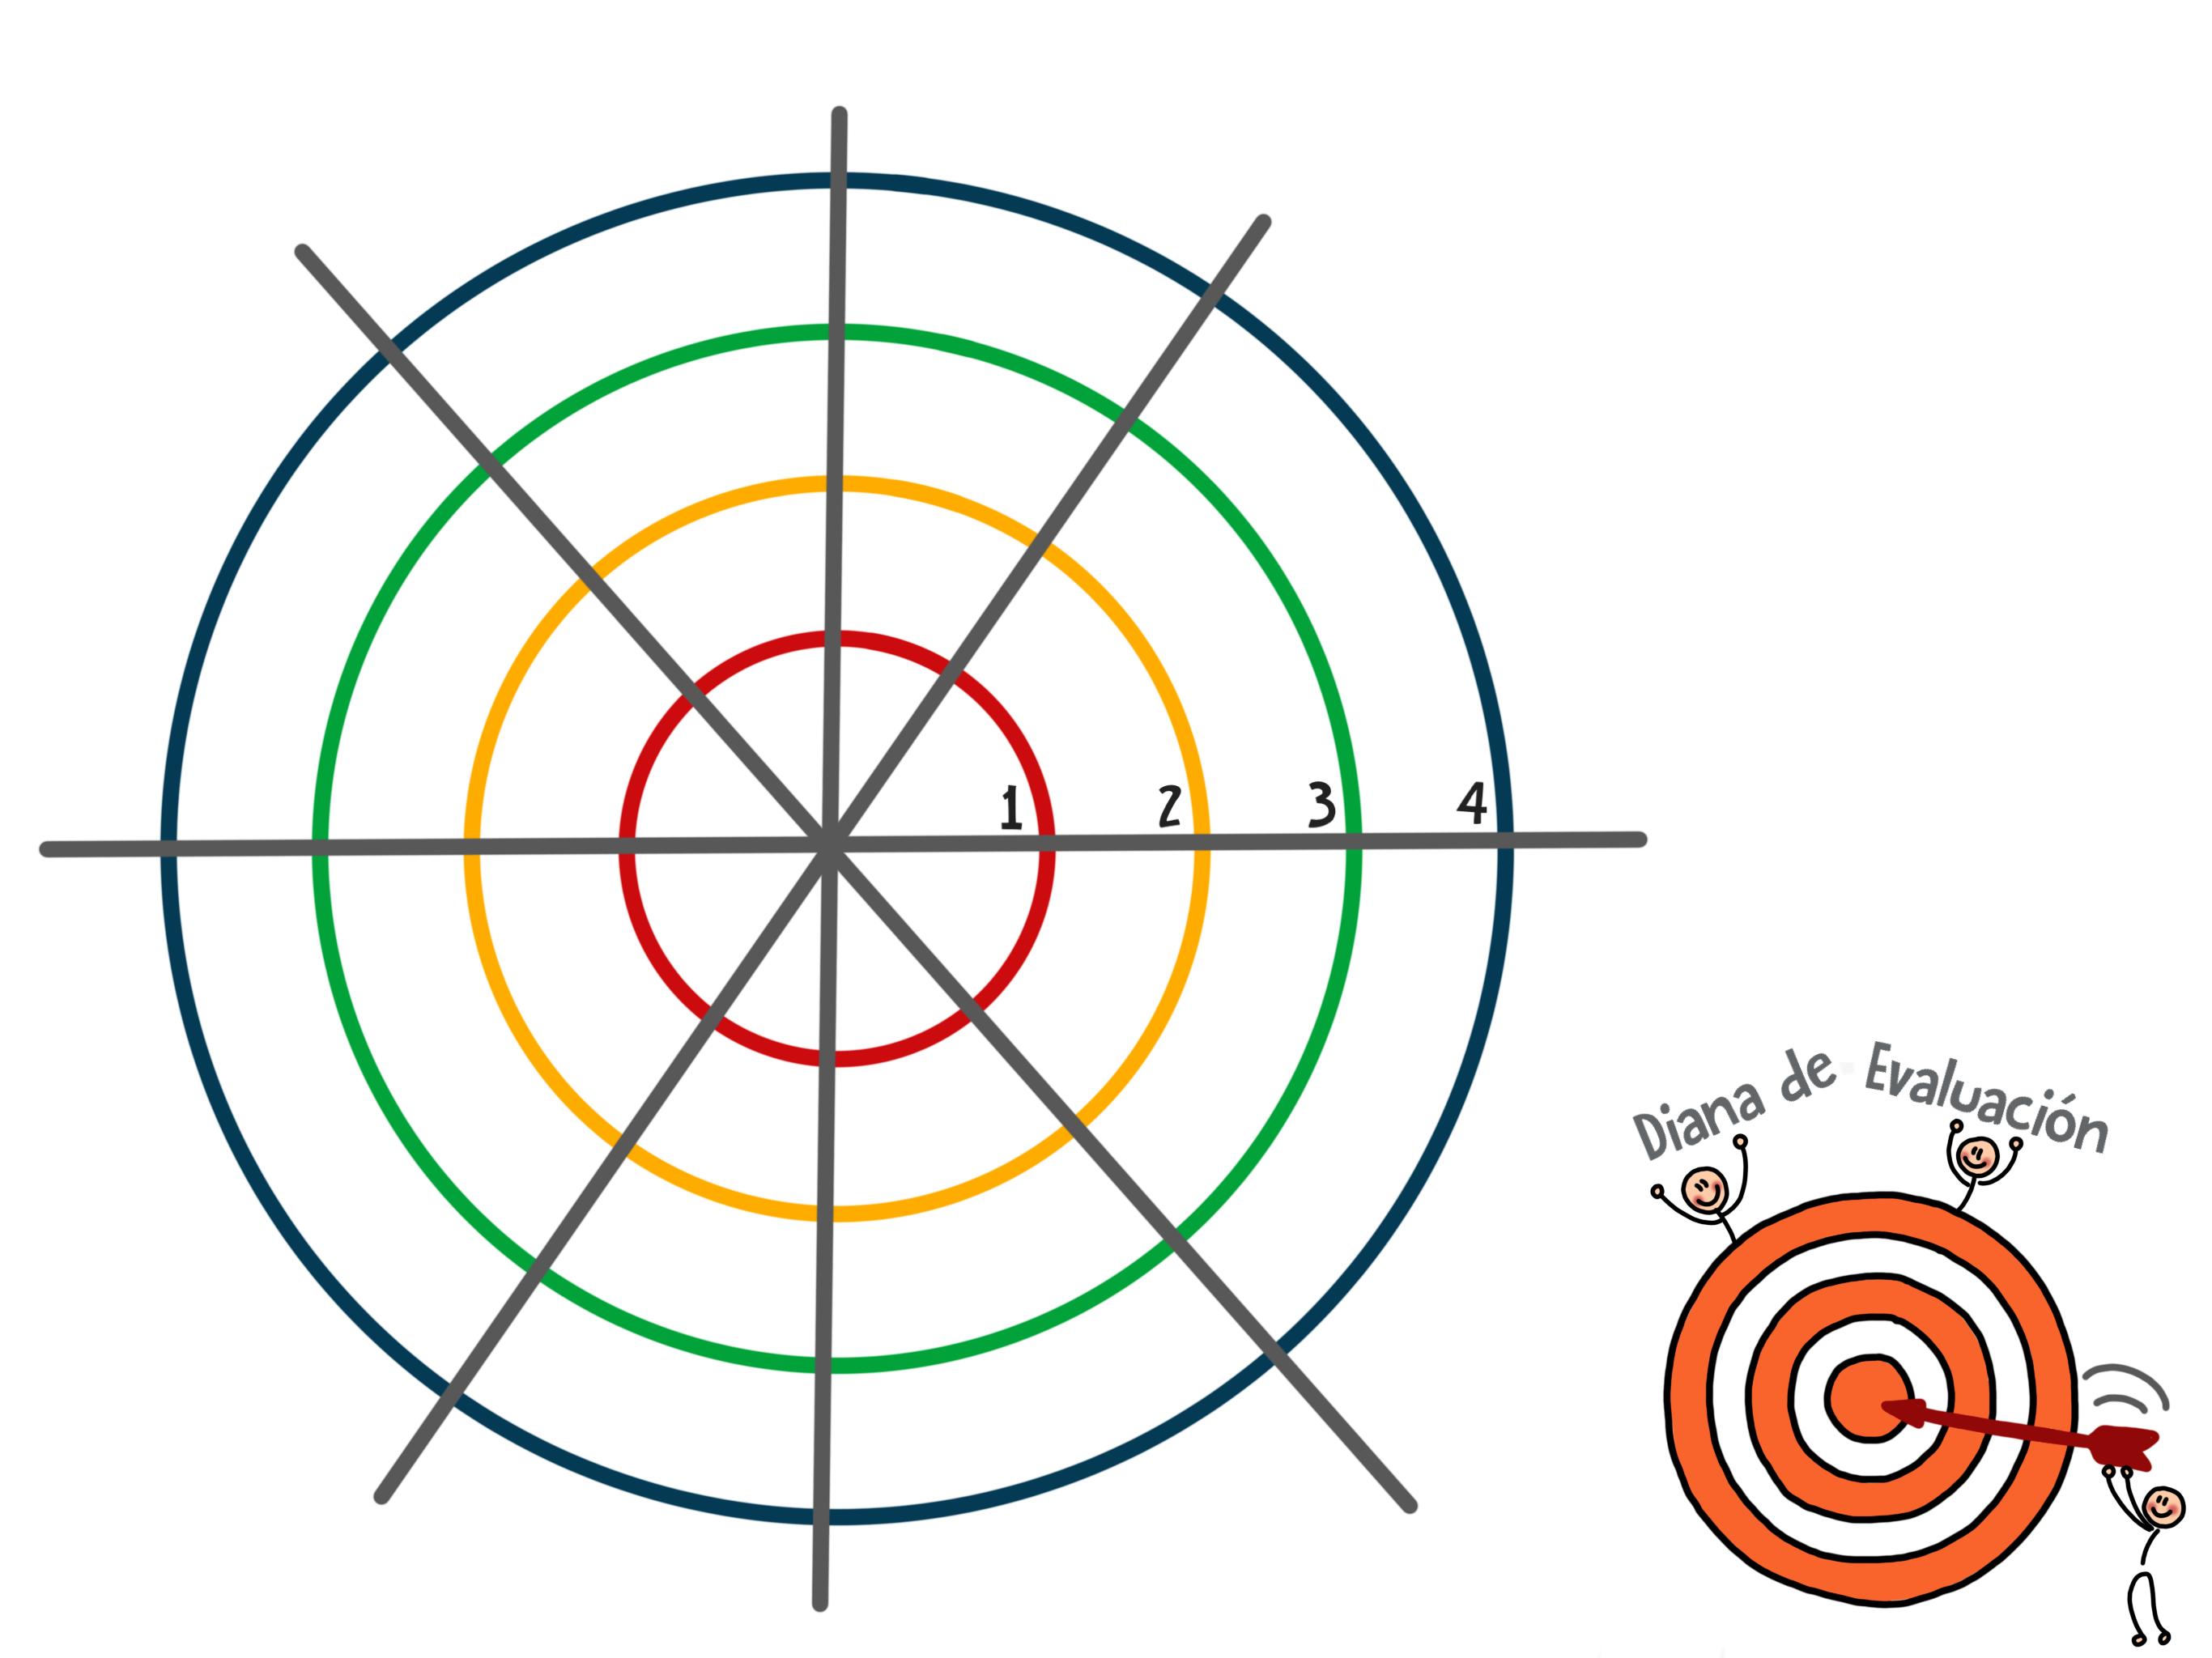 Resultado de imagen de dinámica de evaluación semáforo